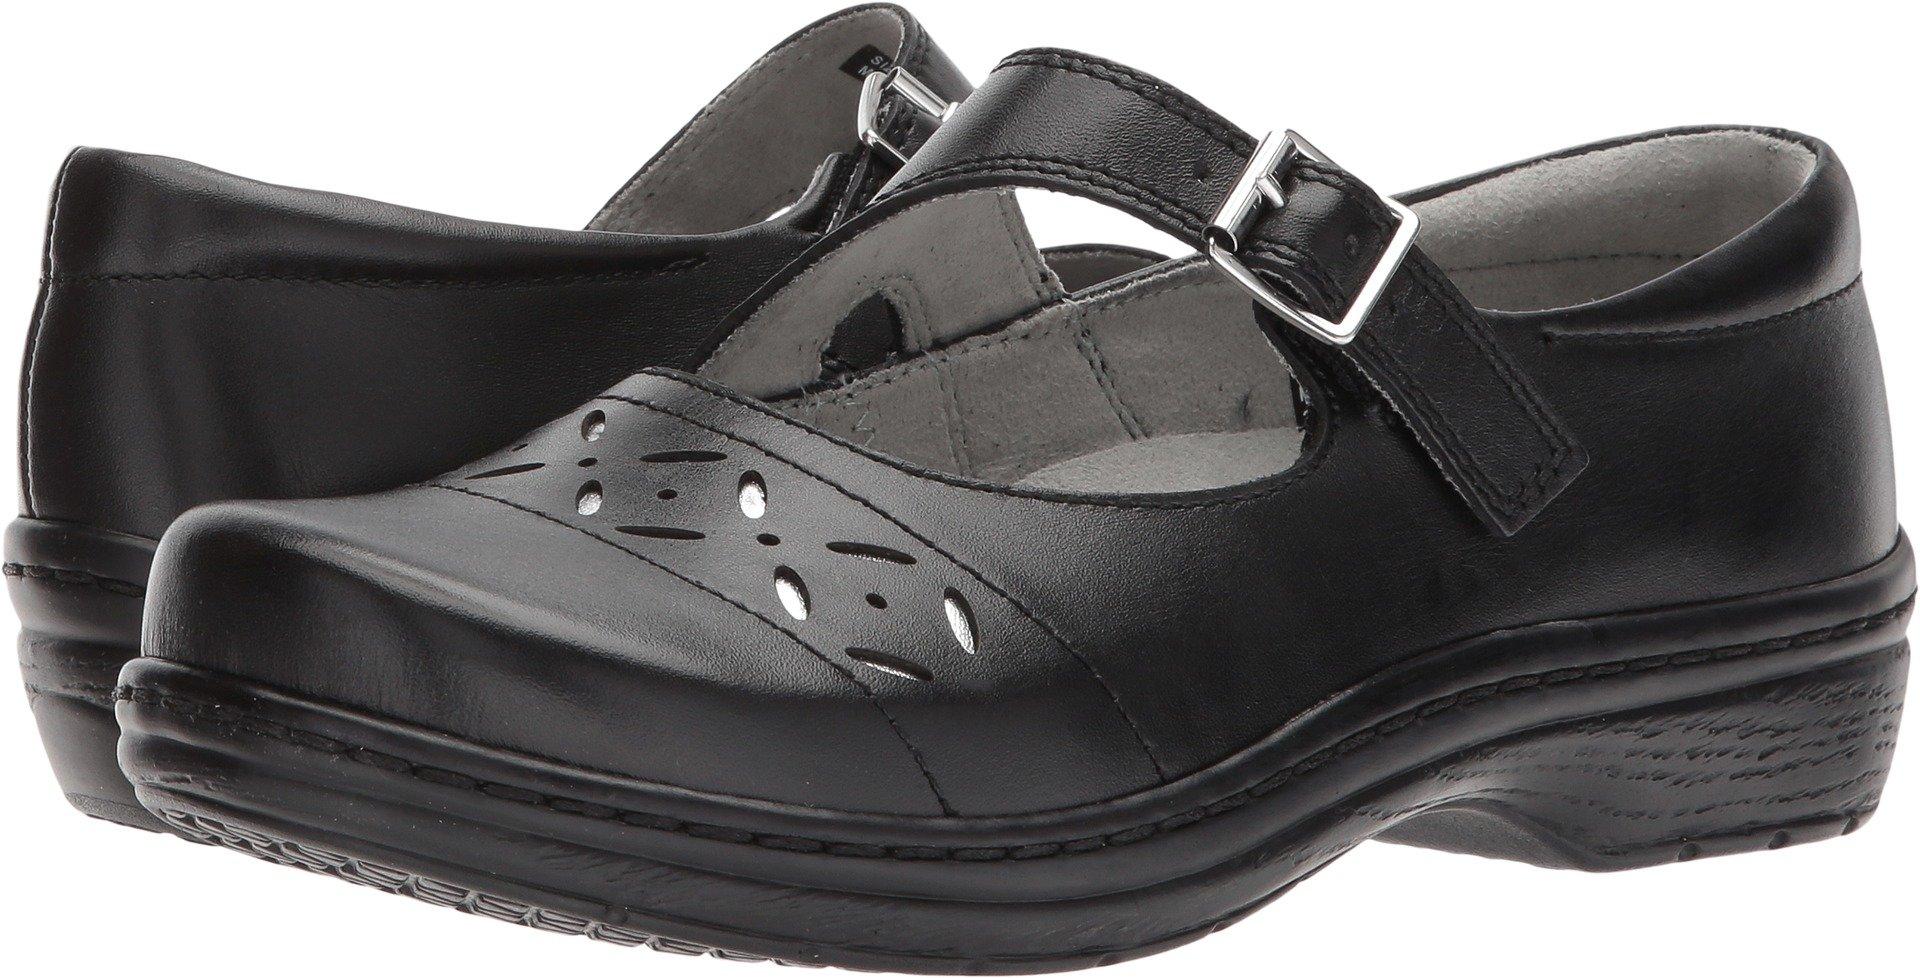 Klogs Footwear Women's Madrid Black Smooth 9 M US